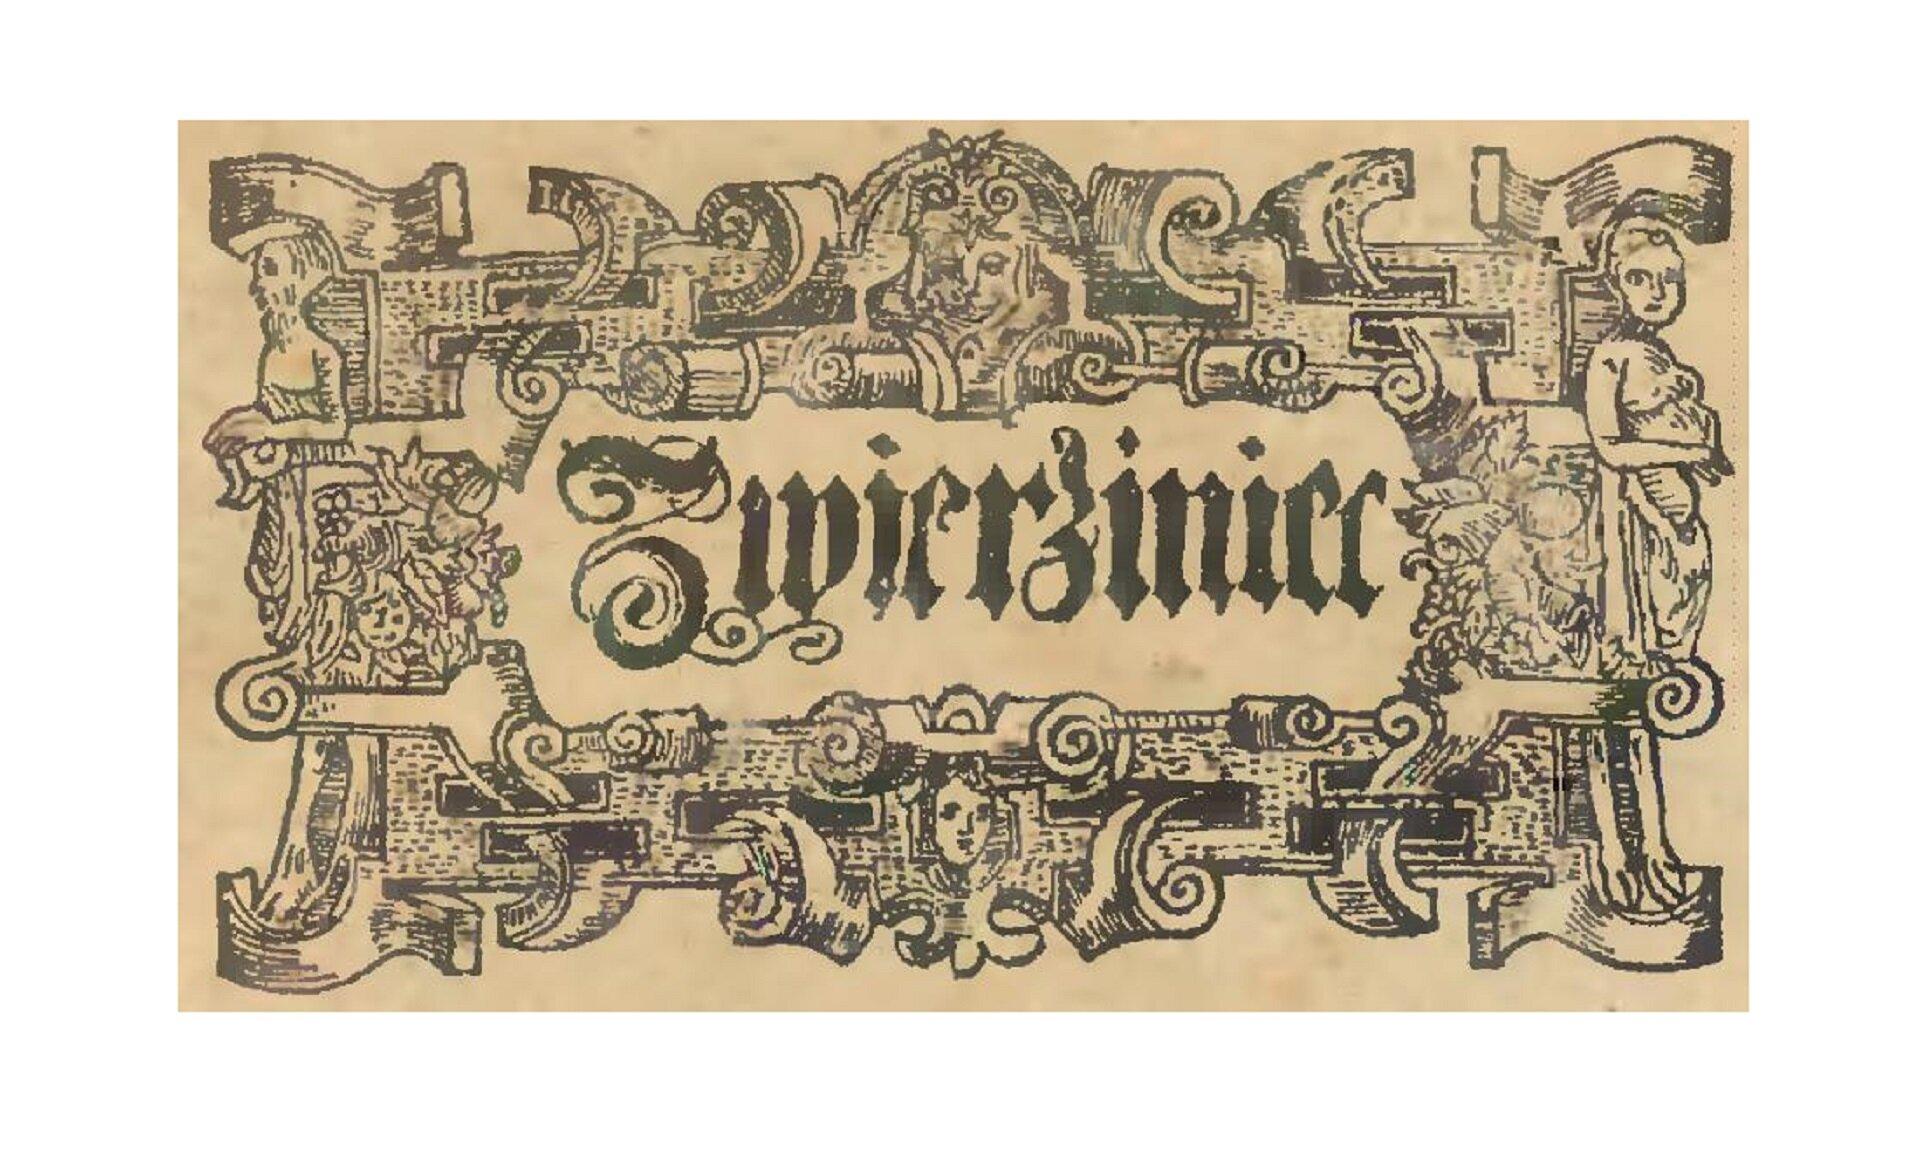 Ilustracja przedstawia ornament tzw. rollwerkowy/zwijany. Ornament został naszkicowany na karcie papieru. Na środku znajduje się napis: zwierzyniec. Dookoła napisu umieszczono różne dekoracje.